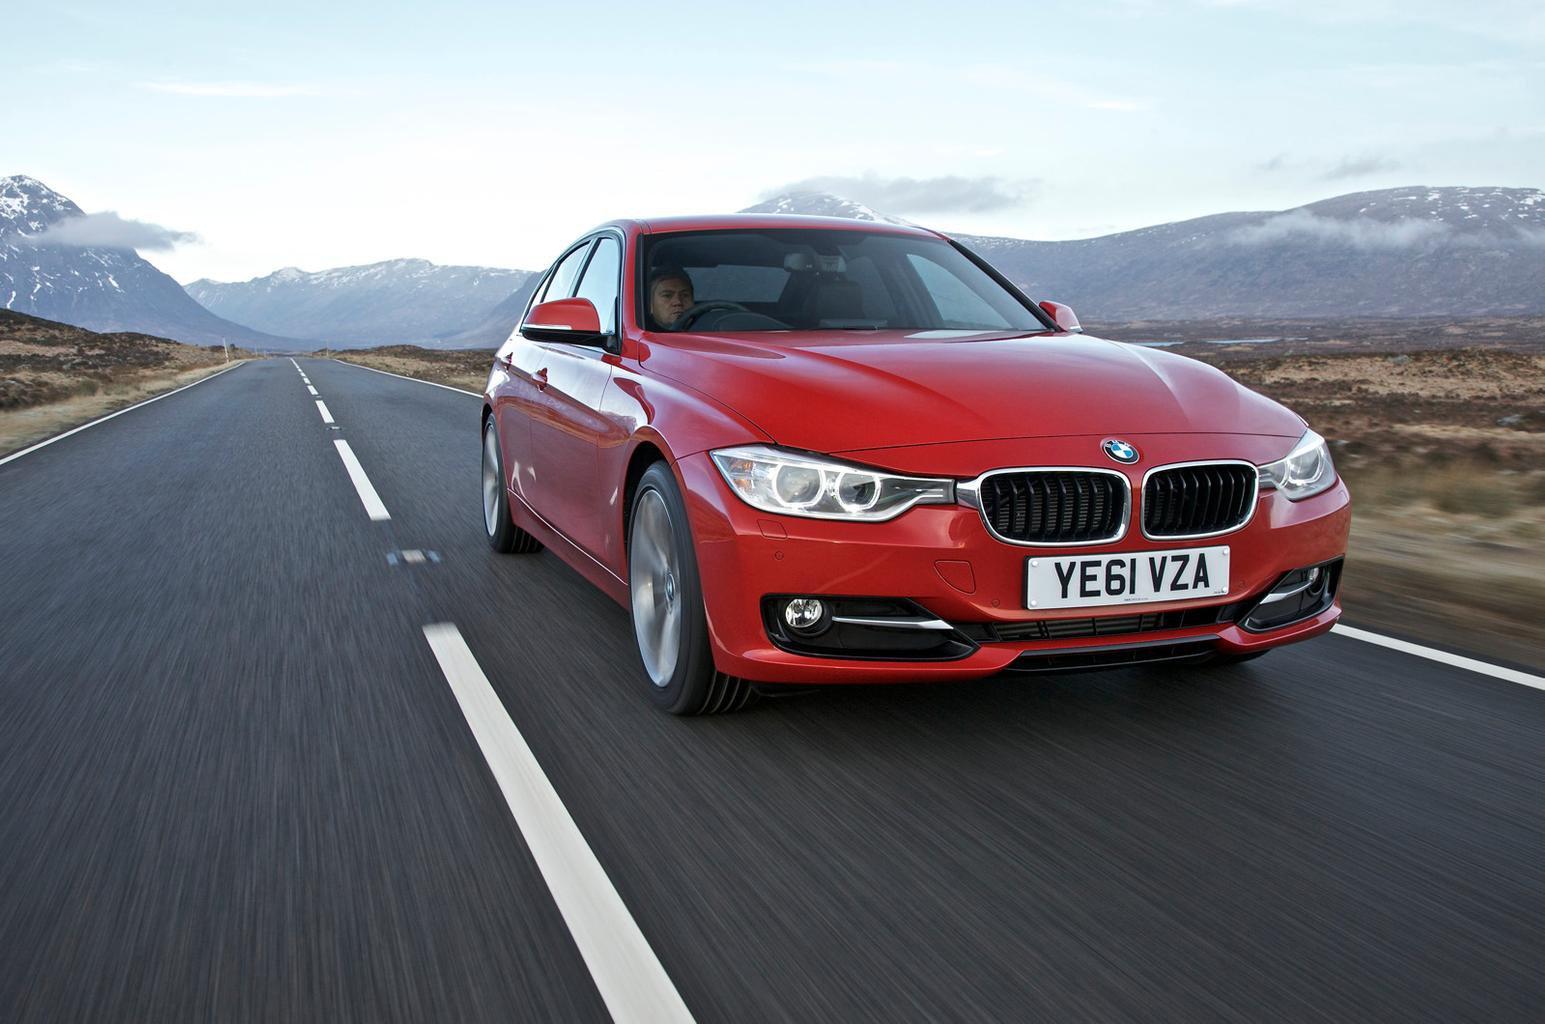 2012 BMW 320d Efficient Dynamics review